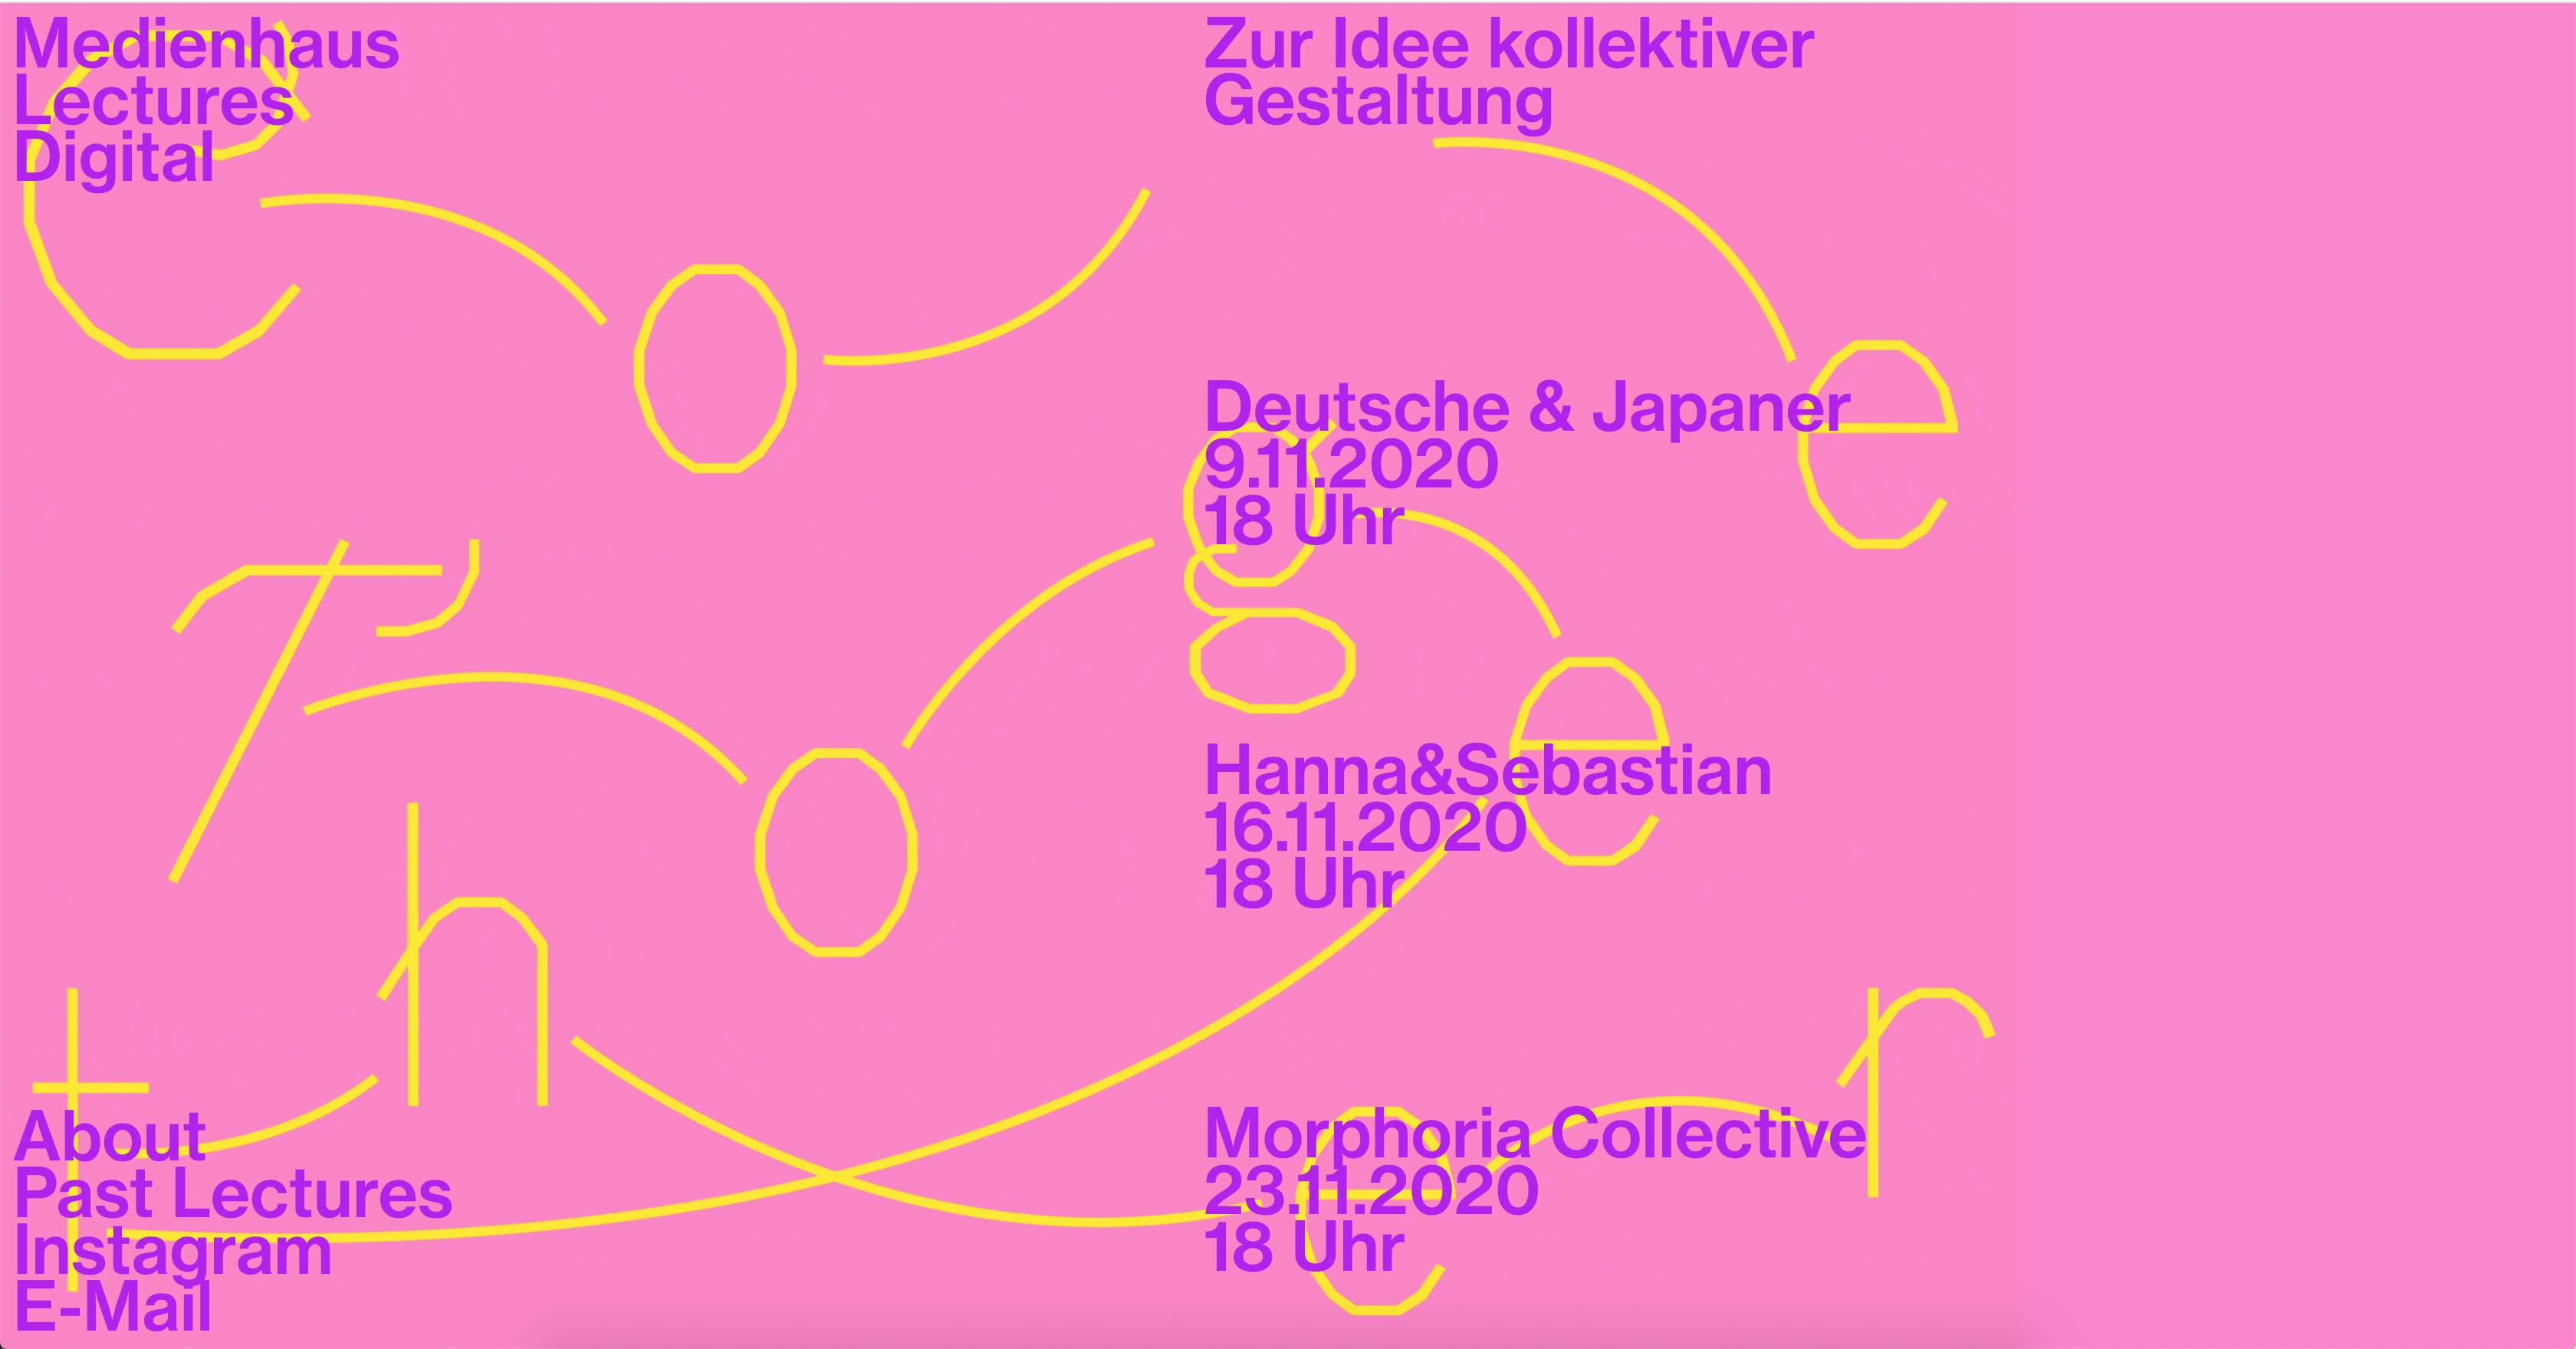 Vortrag Sebastian Klawiter Udk Berlin Stadtlücken Kooperation Gestaltung Hanna Noller